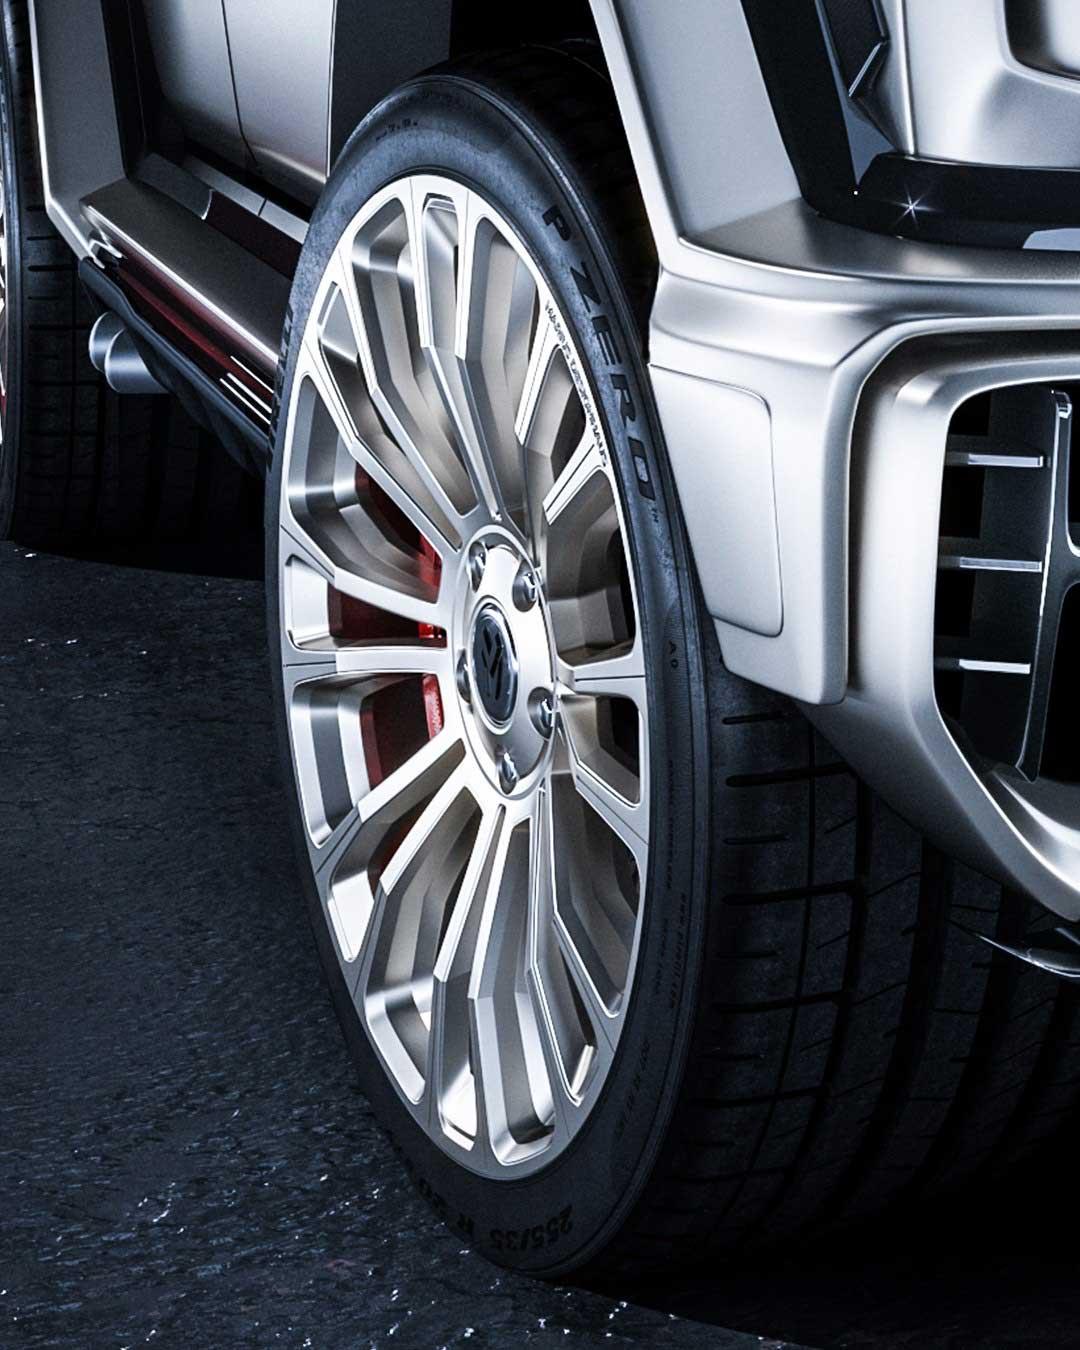 Mercedes-Benz G-Class MD2